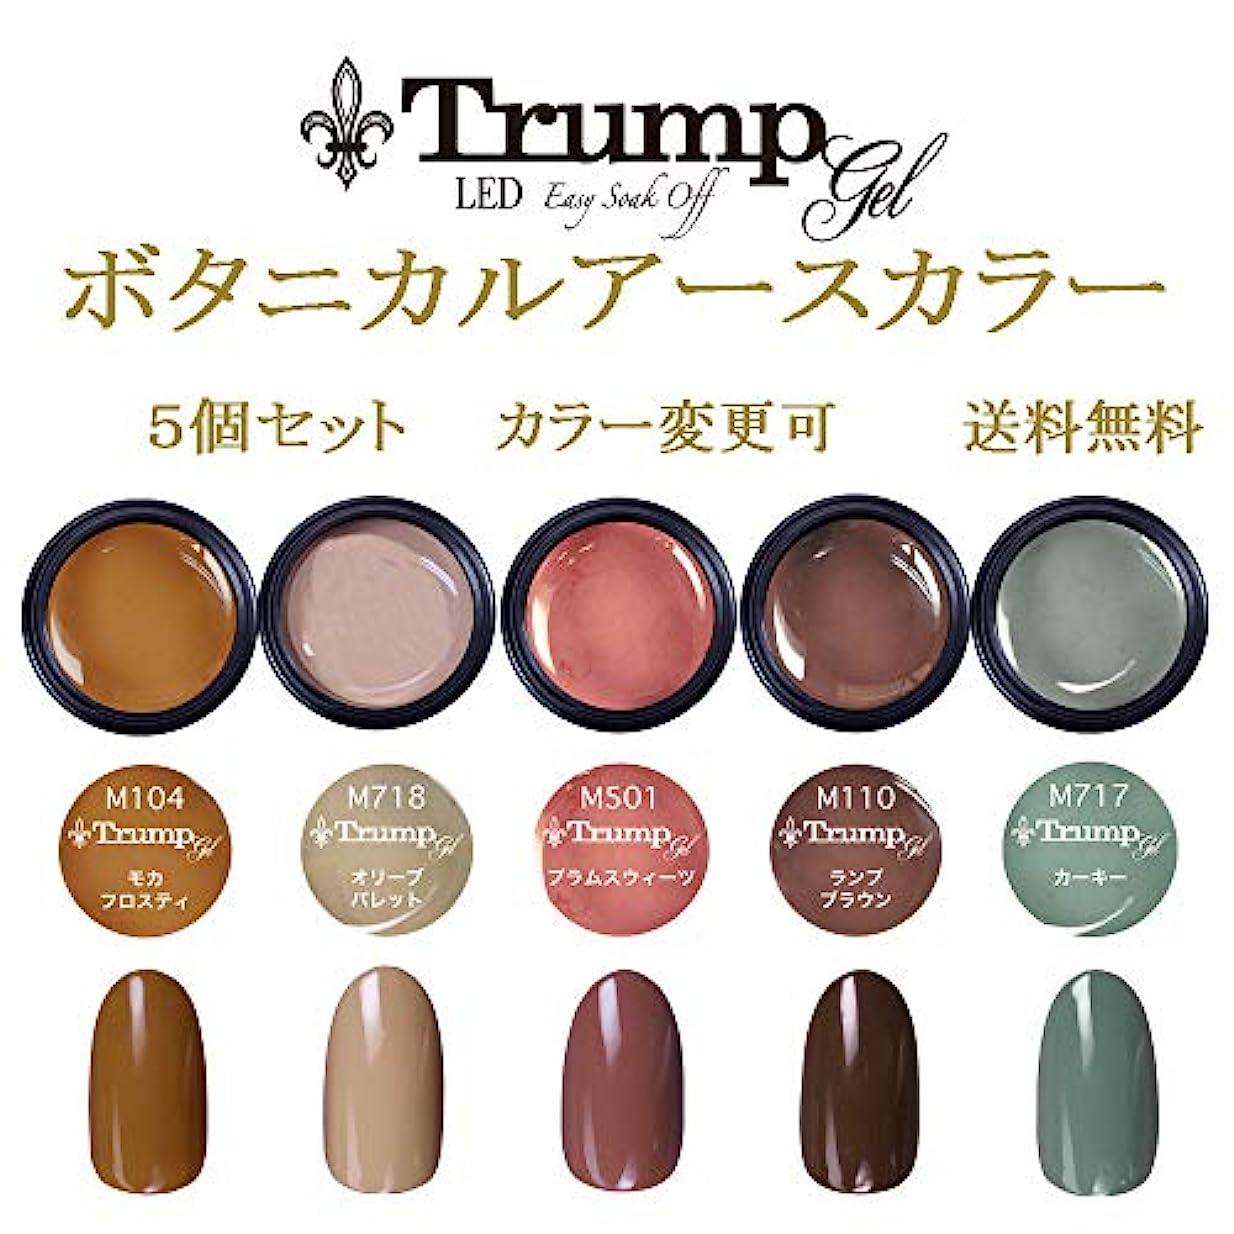 インタフェース面積レベル【送料無料】日本製 Trump gel ボタニカルアースカラージェル5個セット 人気のボタニカルカラーをセット